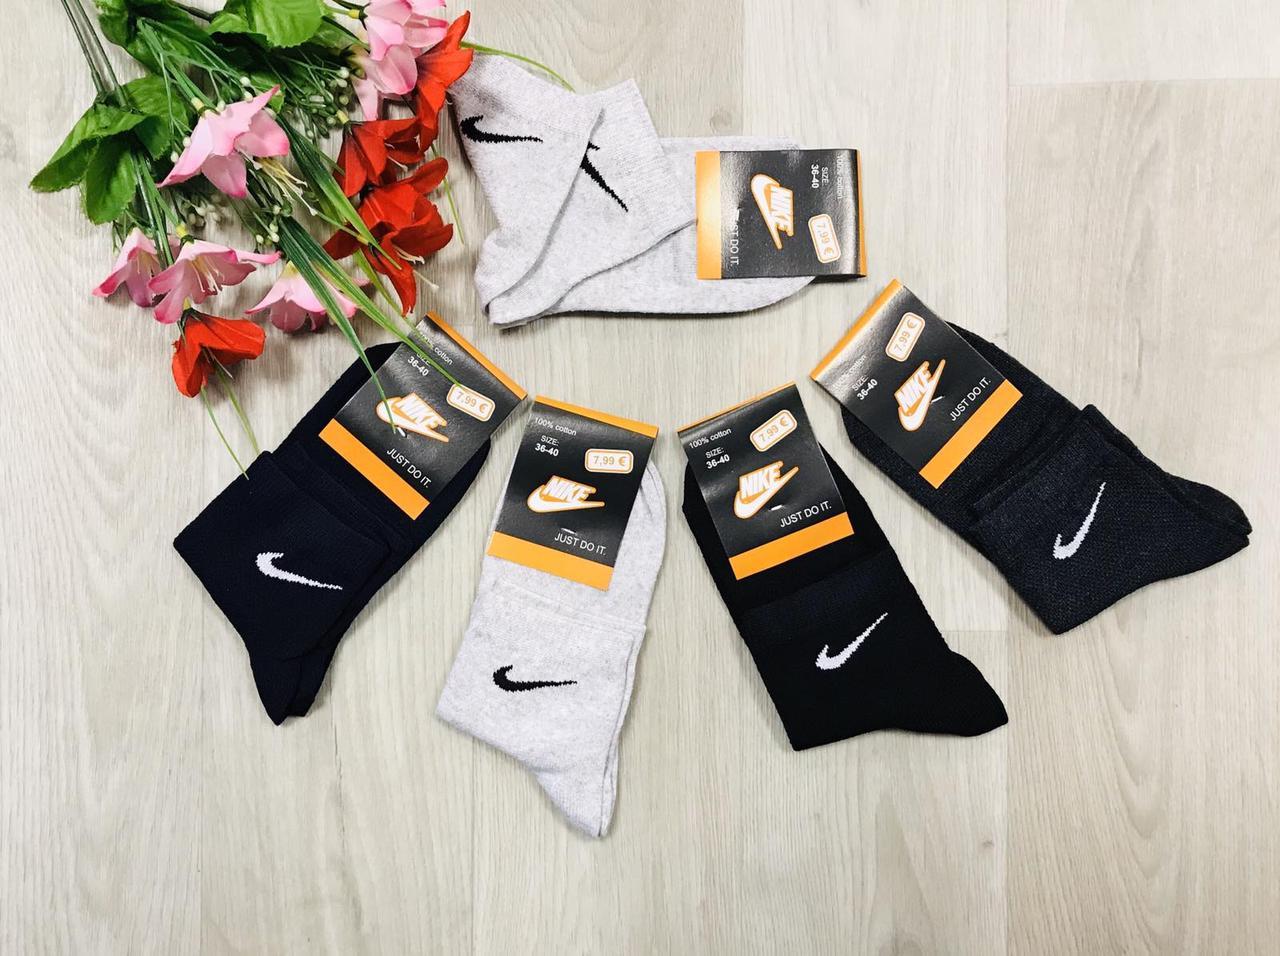 Шкарпетки літні спортивні сітка середні бавовна Nike Туреччина розмір 36-40 асорті